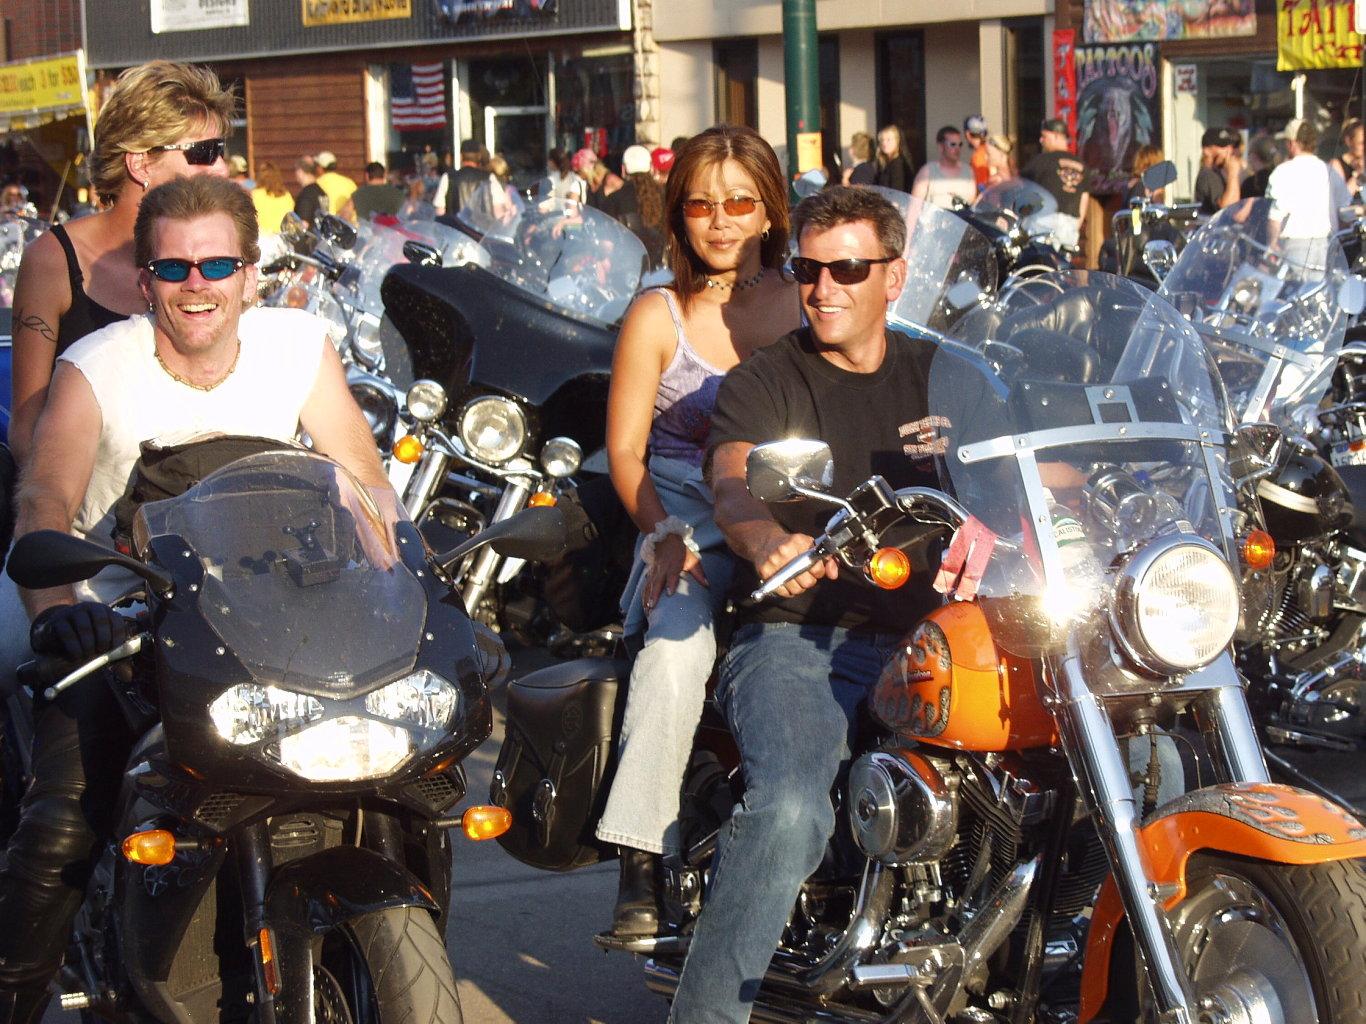 Biker Couples Ride